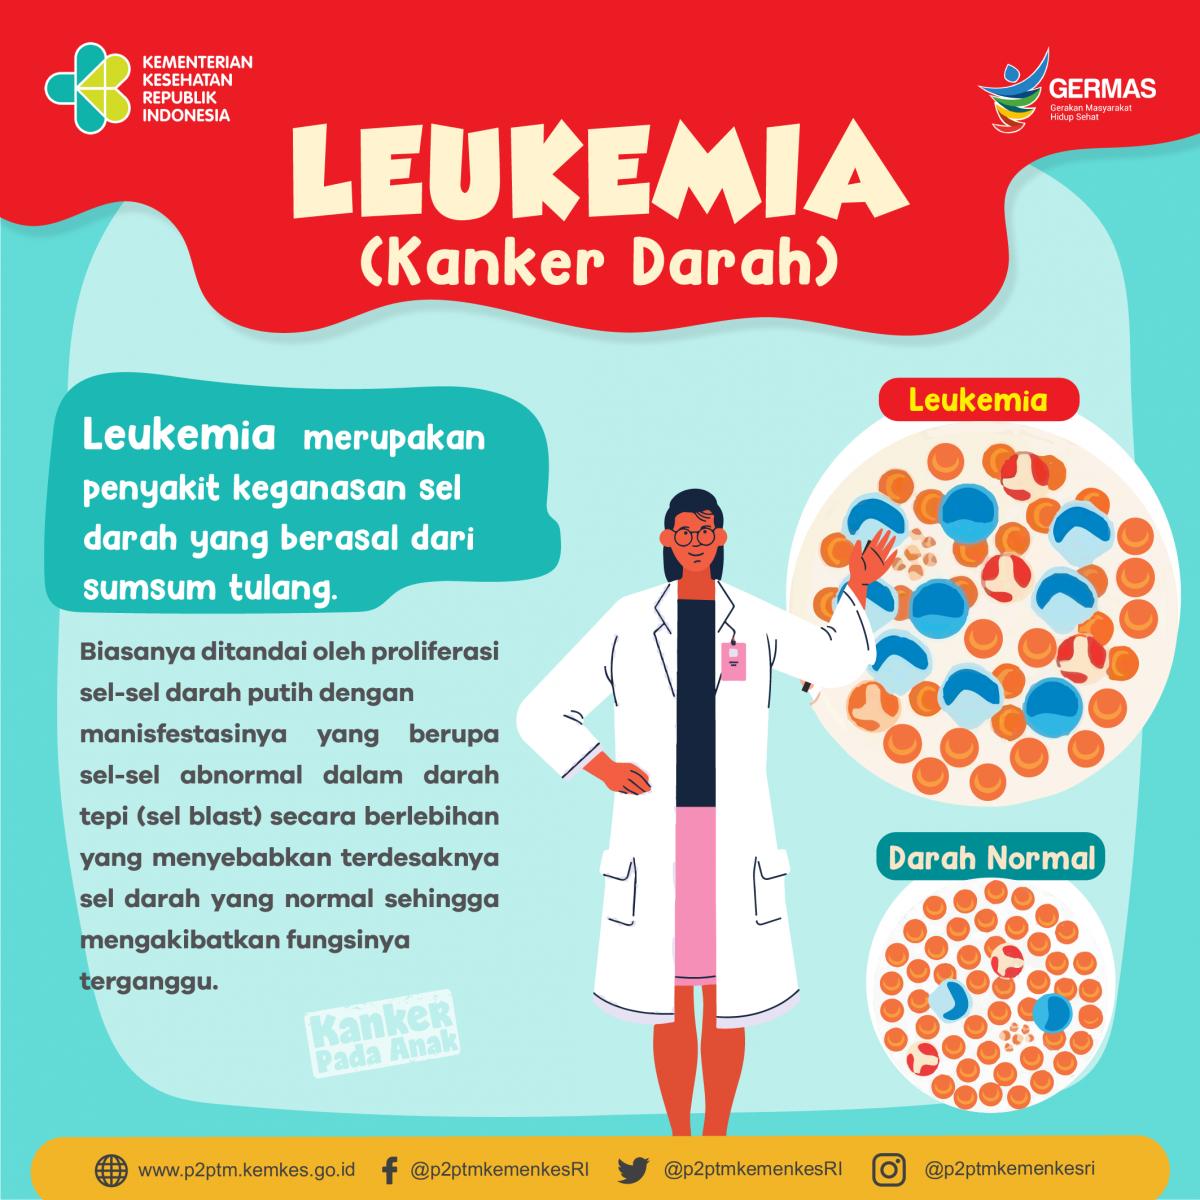 Apa yang dimaksud Leukemia (Kanker Darah)? - Direktorat P2PTM